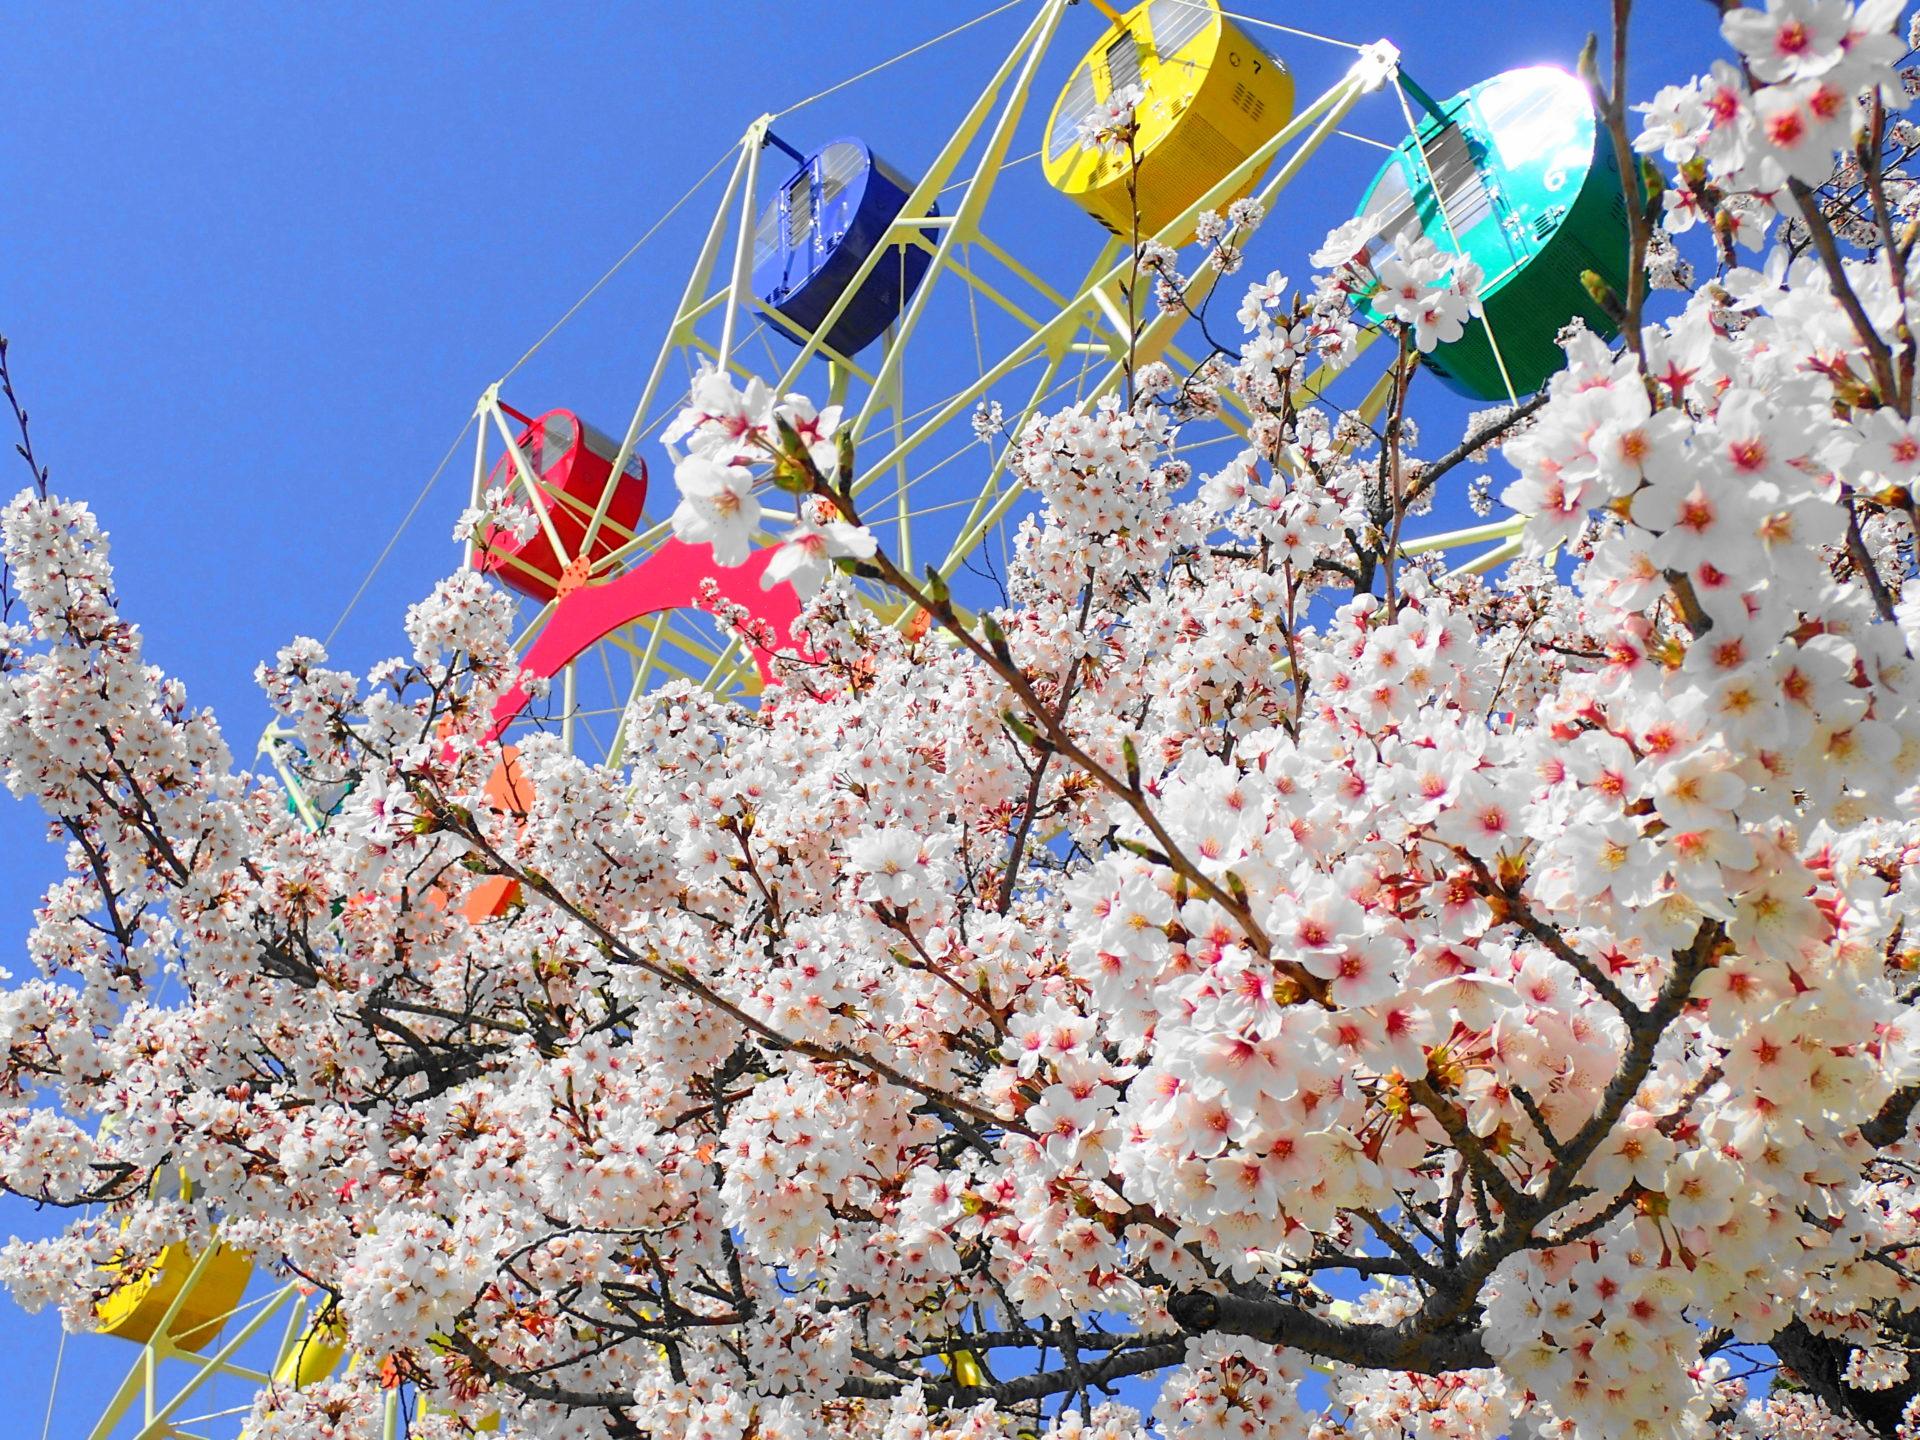 かみね動物園|茨城で桜を子供といっしょに見るならココ!撮影スポット5つを紹介するよ #Locketsリレー2018春 #桜 #地域ブログ - いばらじお♪